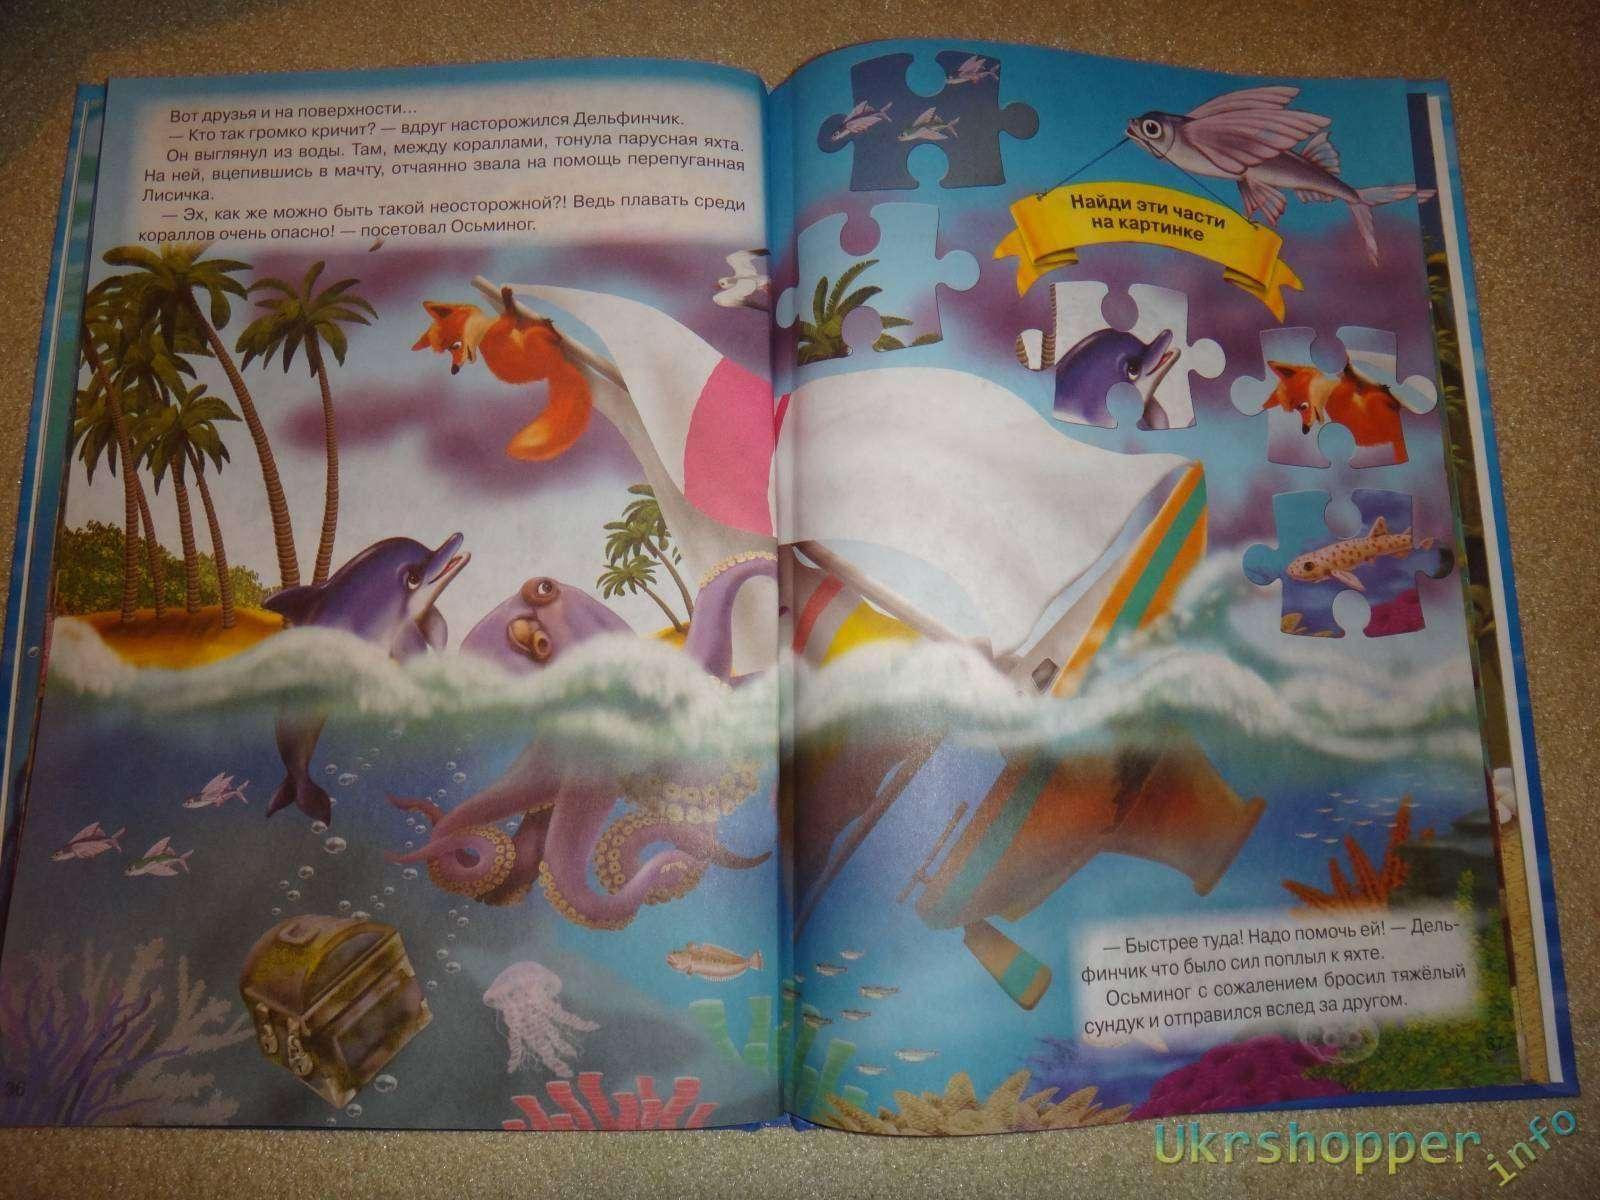 Другие: Обзор детских энциклопедий серии 'Прогулки вокруг света'